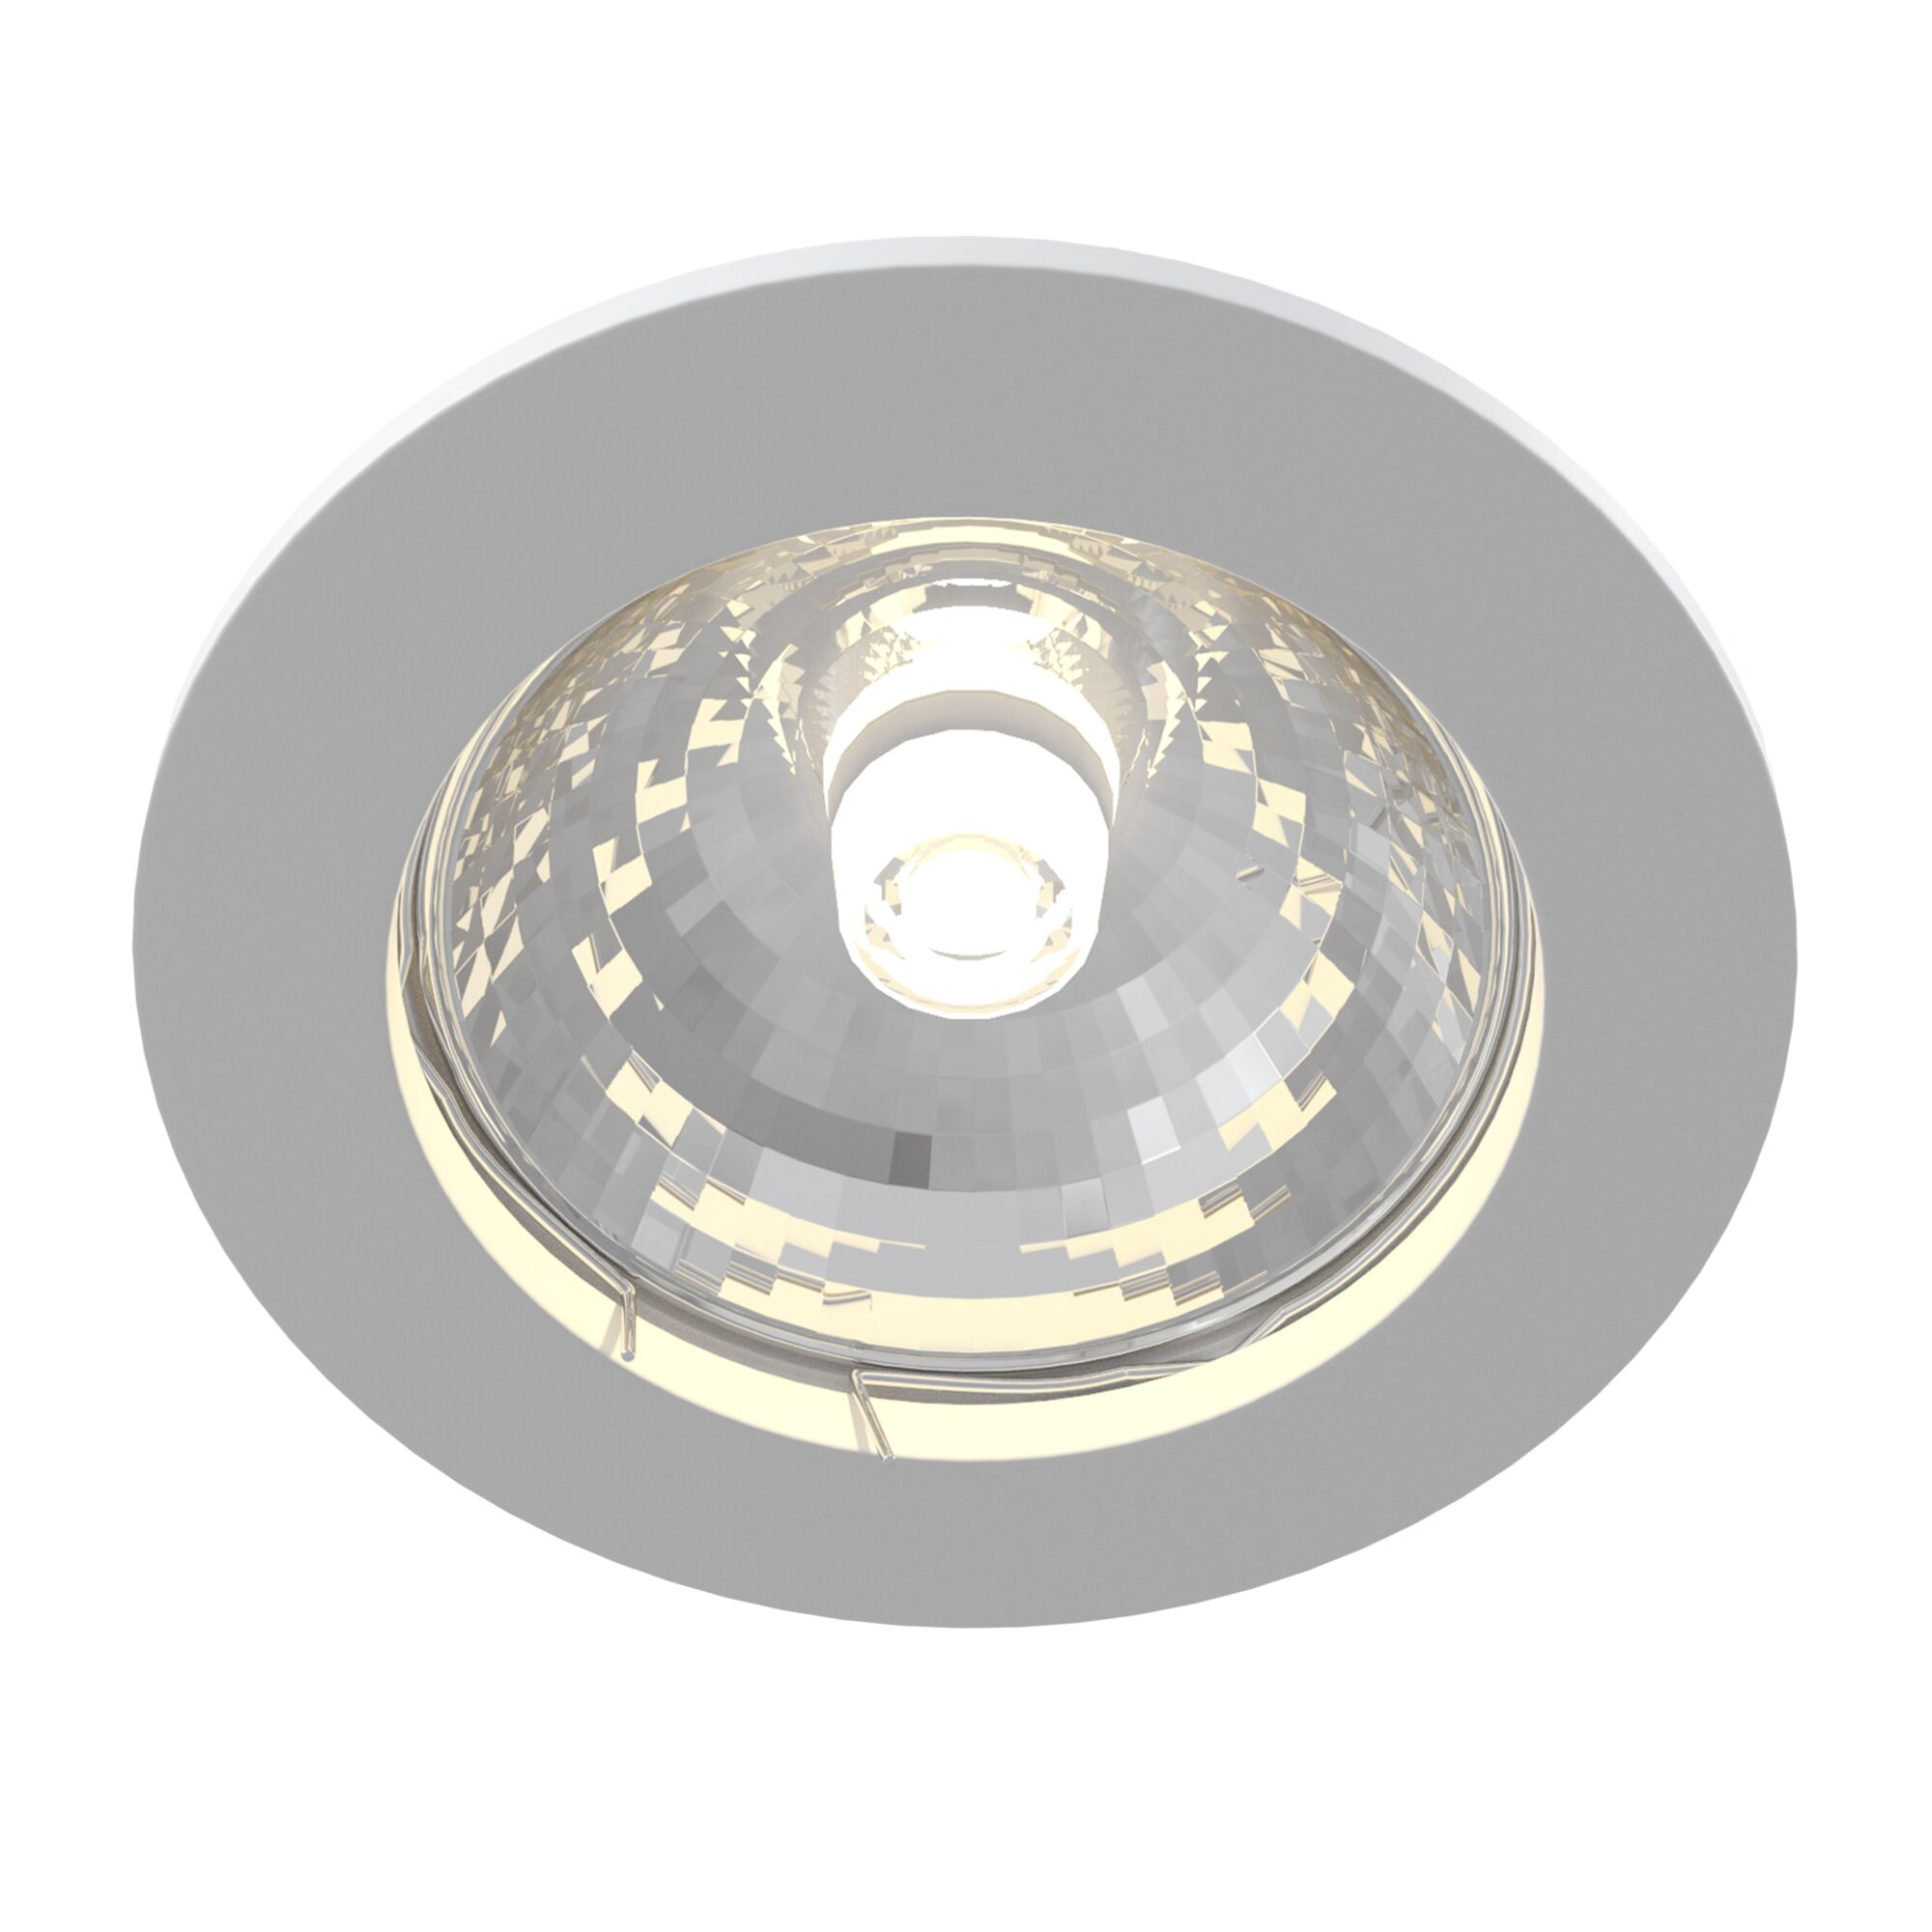 Встраиваемый светильник Maytoni DL009-2-01-W